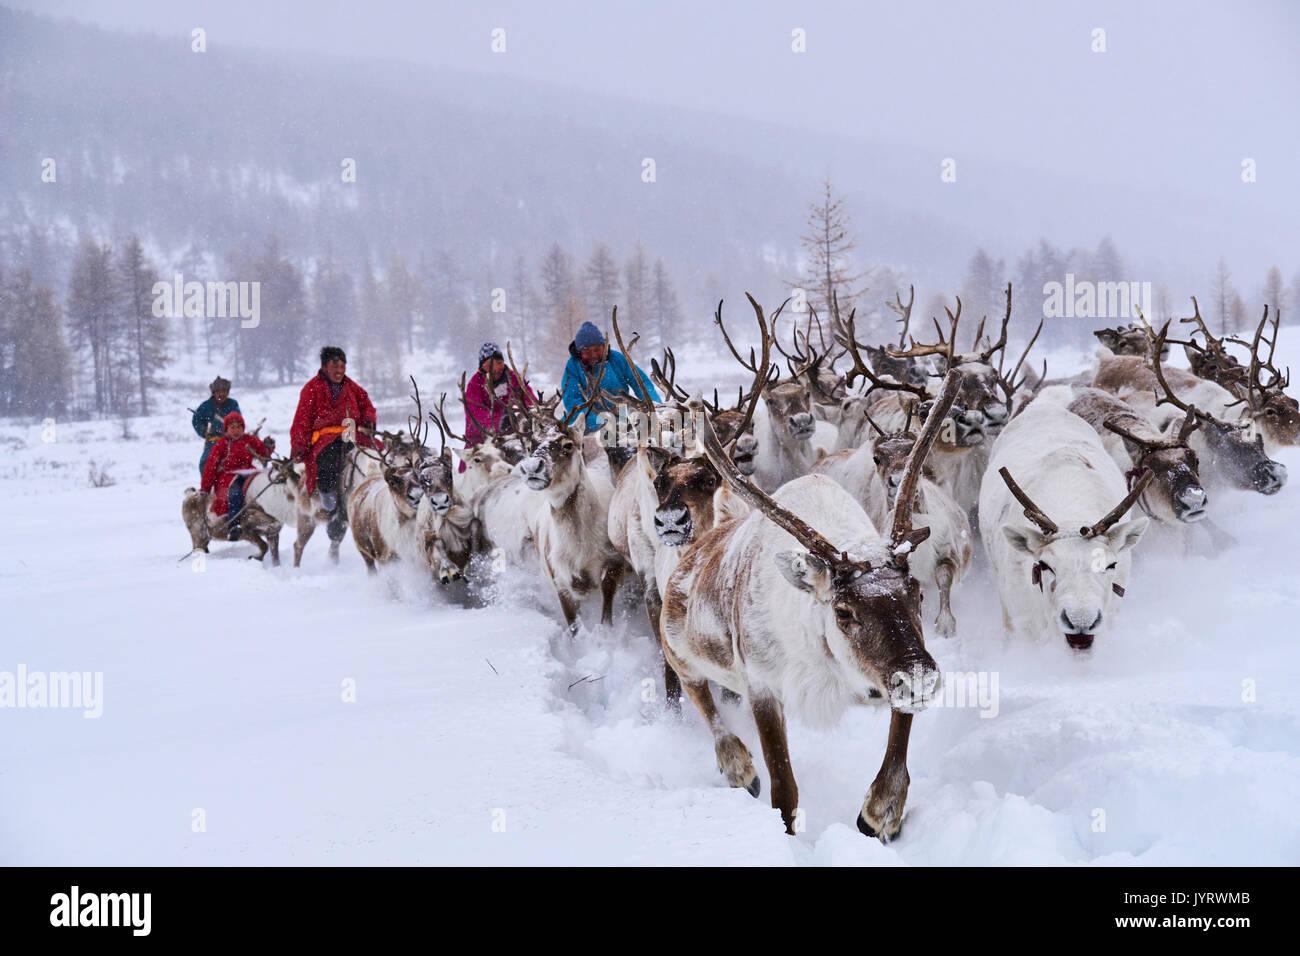 Die Mongolei, khovsgol Provinz, die Tsaatan, Rentierzüchter, winter Migration, Transhumanz Stockbild